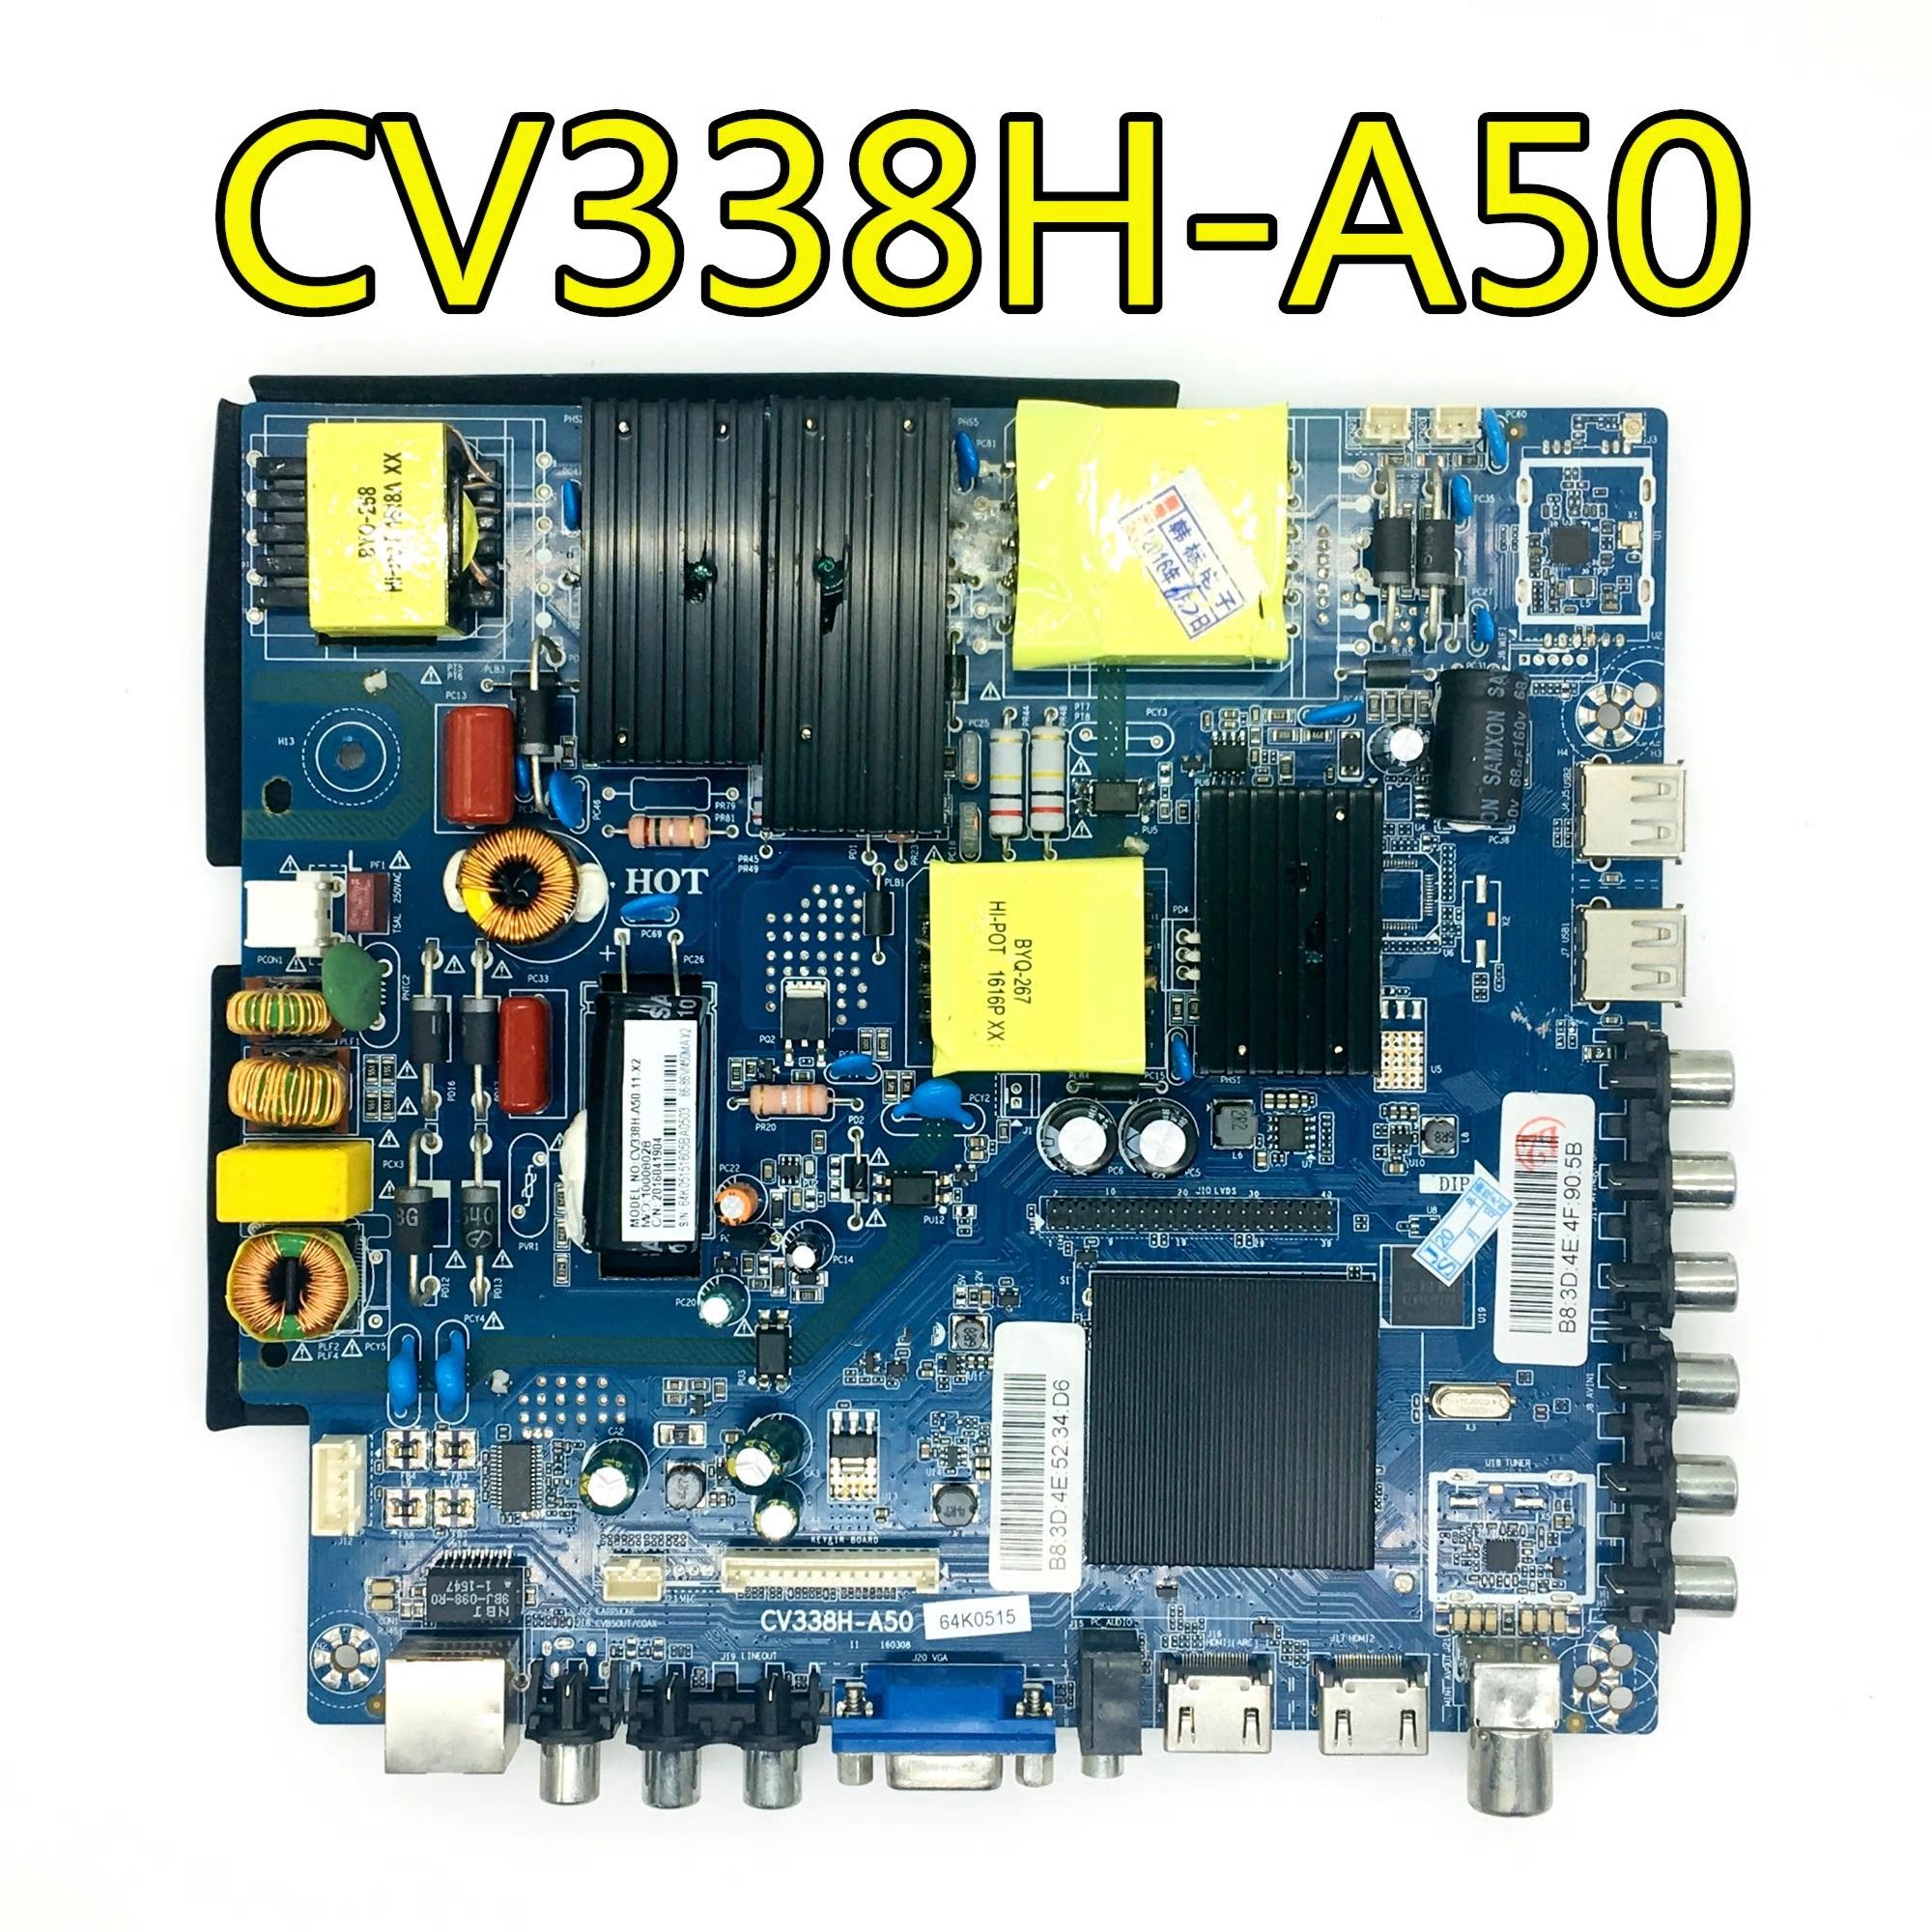 cv338h-a50_software